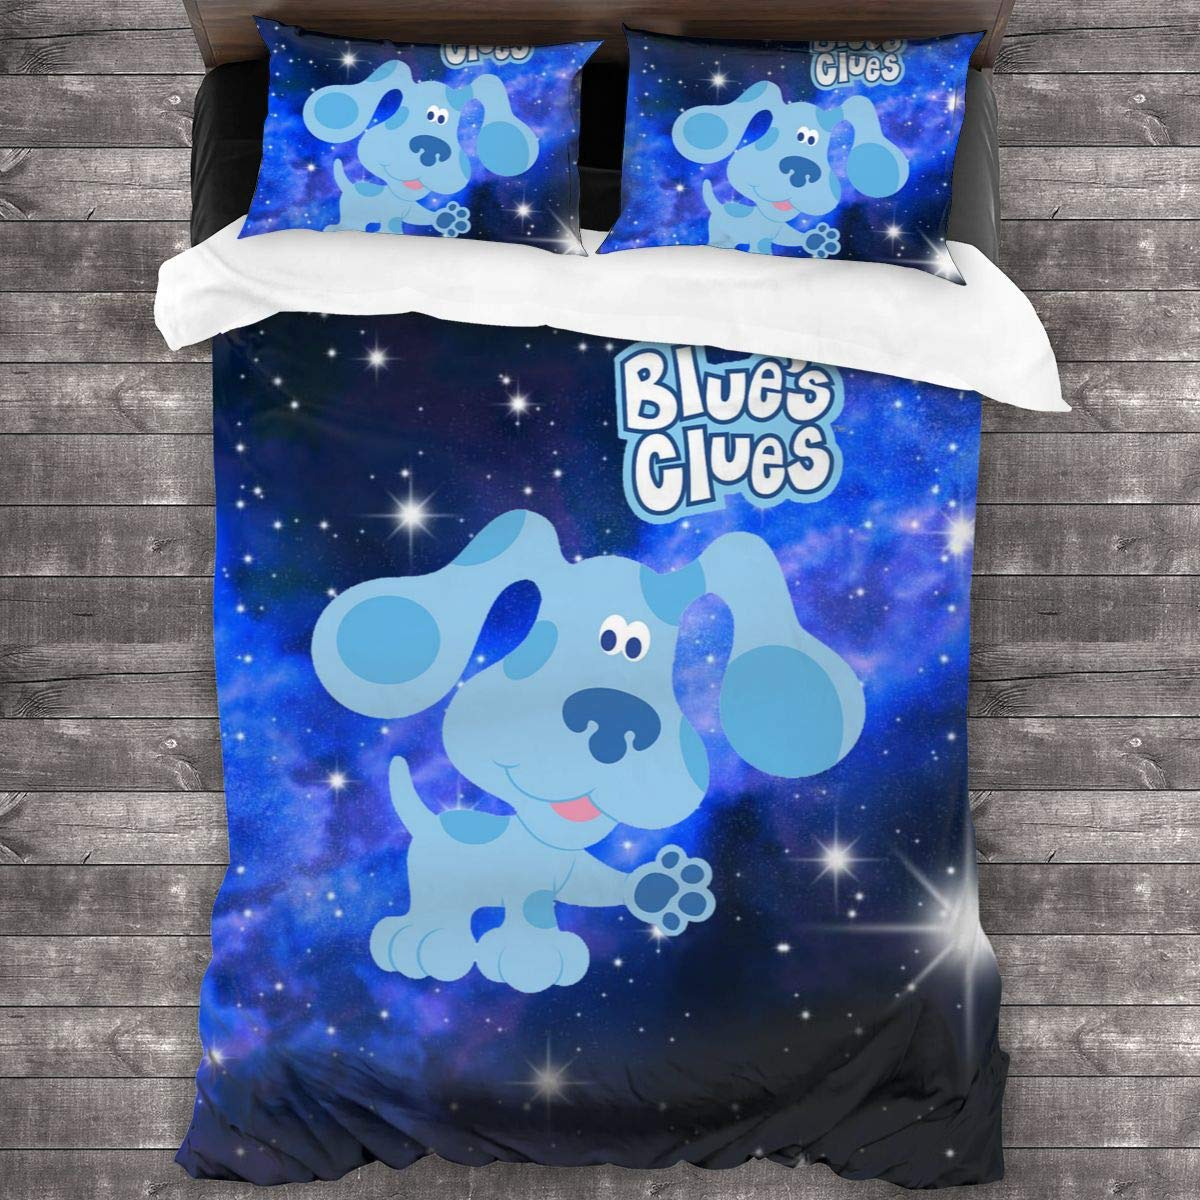 RHGASU BMAIEG SuperLee Children's Blue's Clues Dog Bedding Set Queen, Decorative 3 Piece Bedding Set with 2 Pillow Cases,3-Piece Bedding Set 89inch89inch